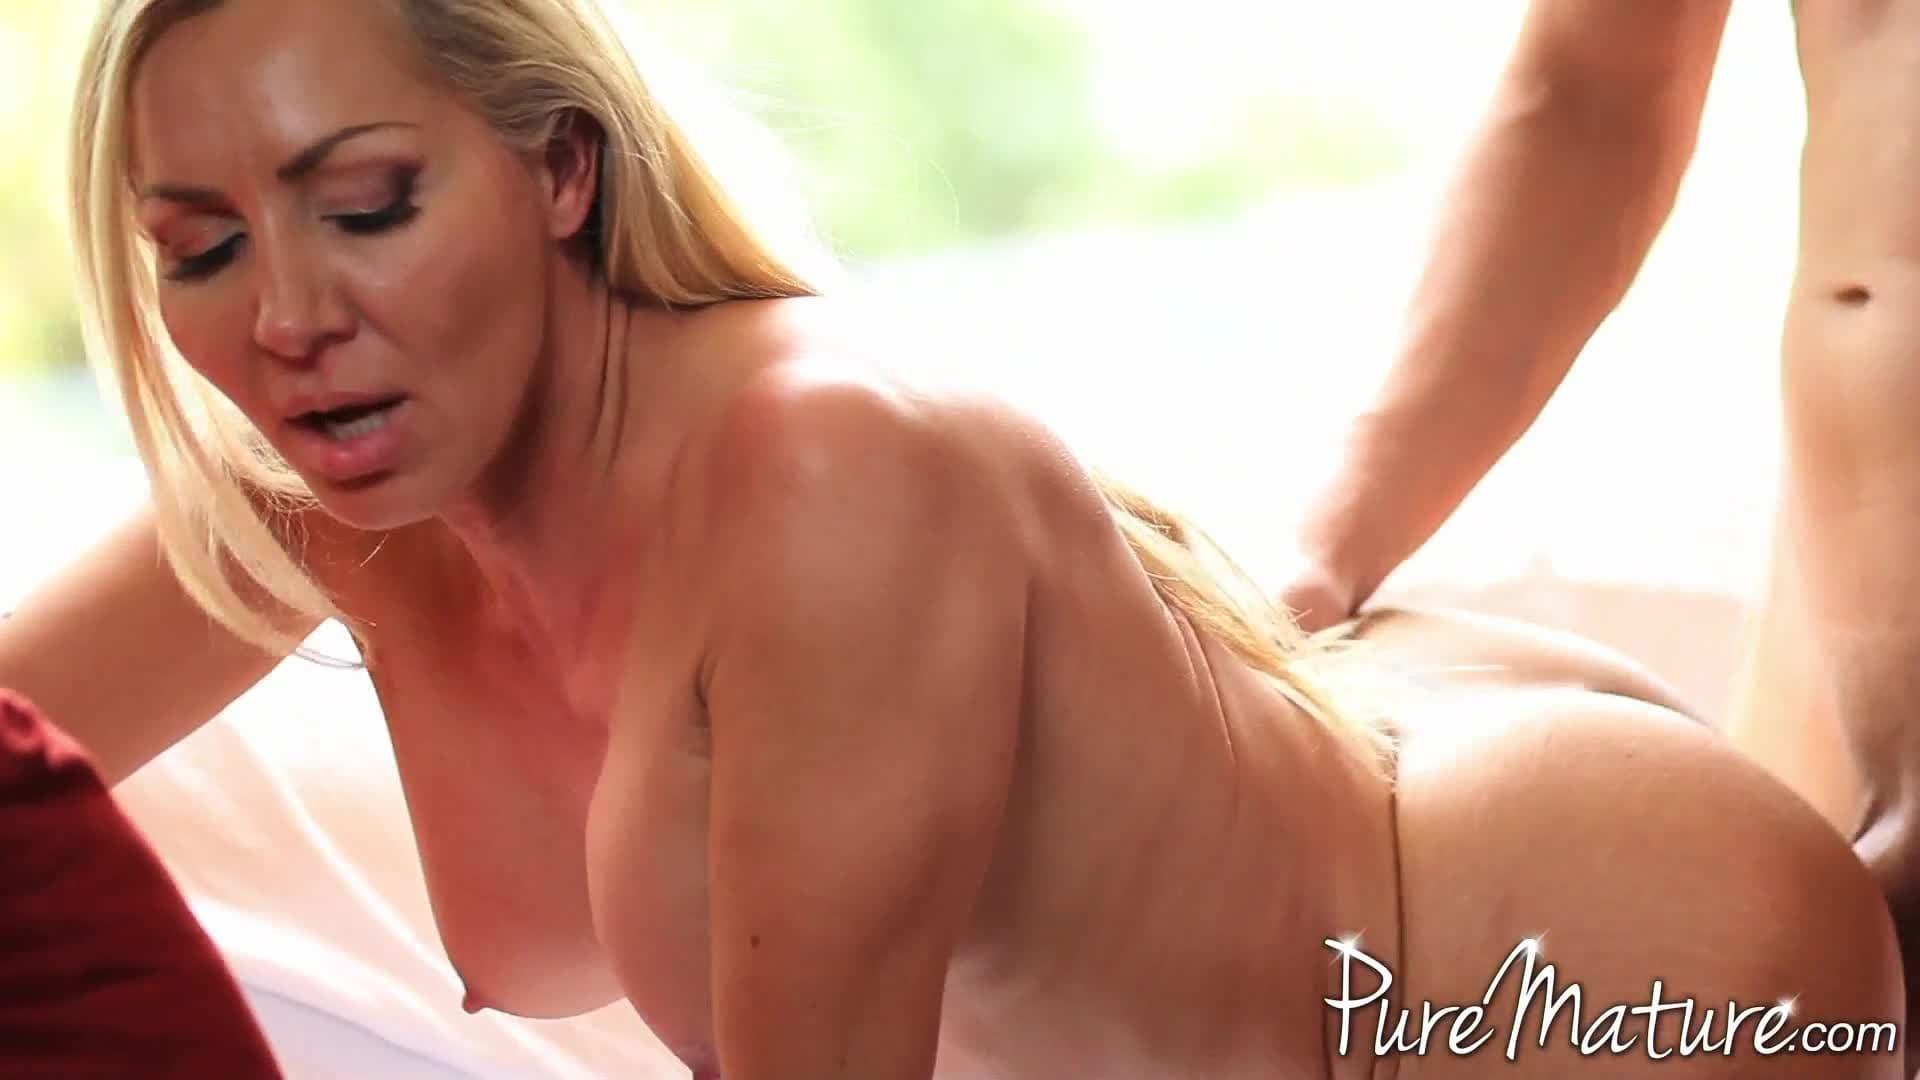 pure mature com video inculate